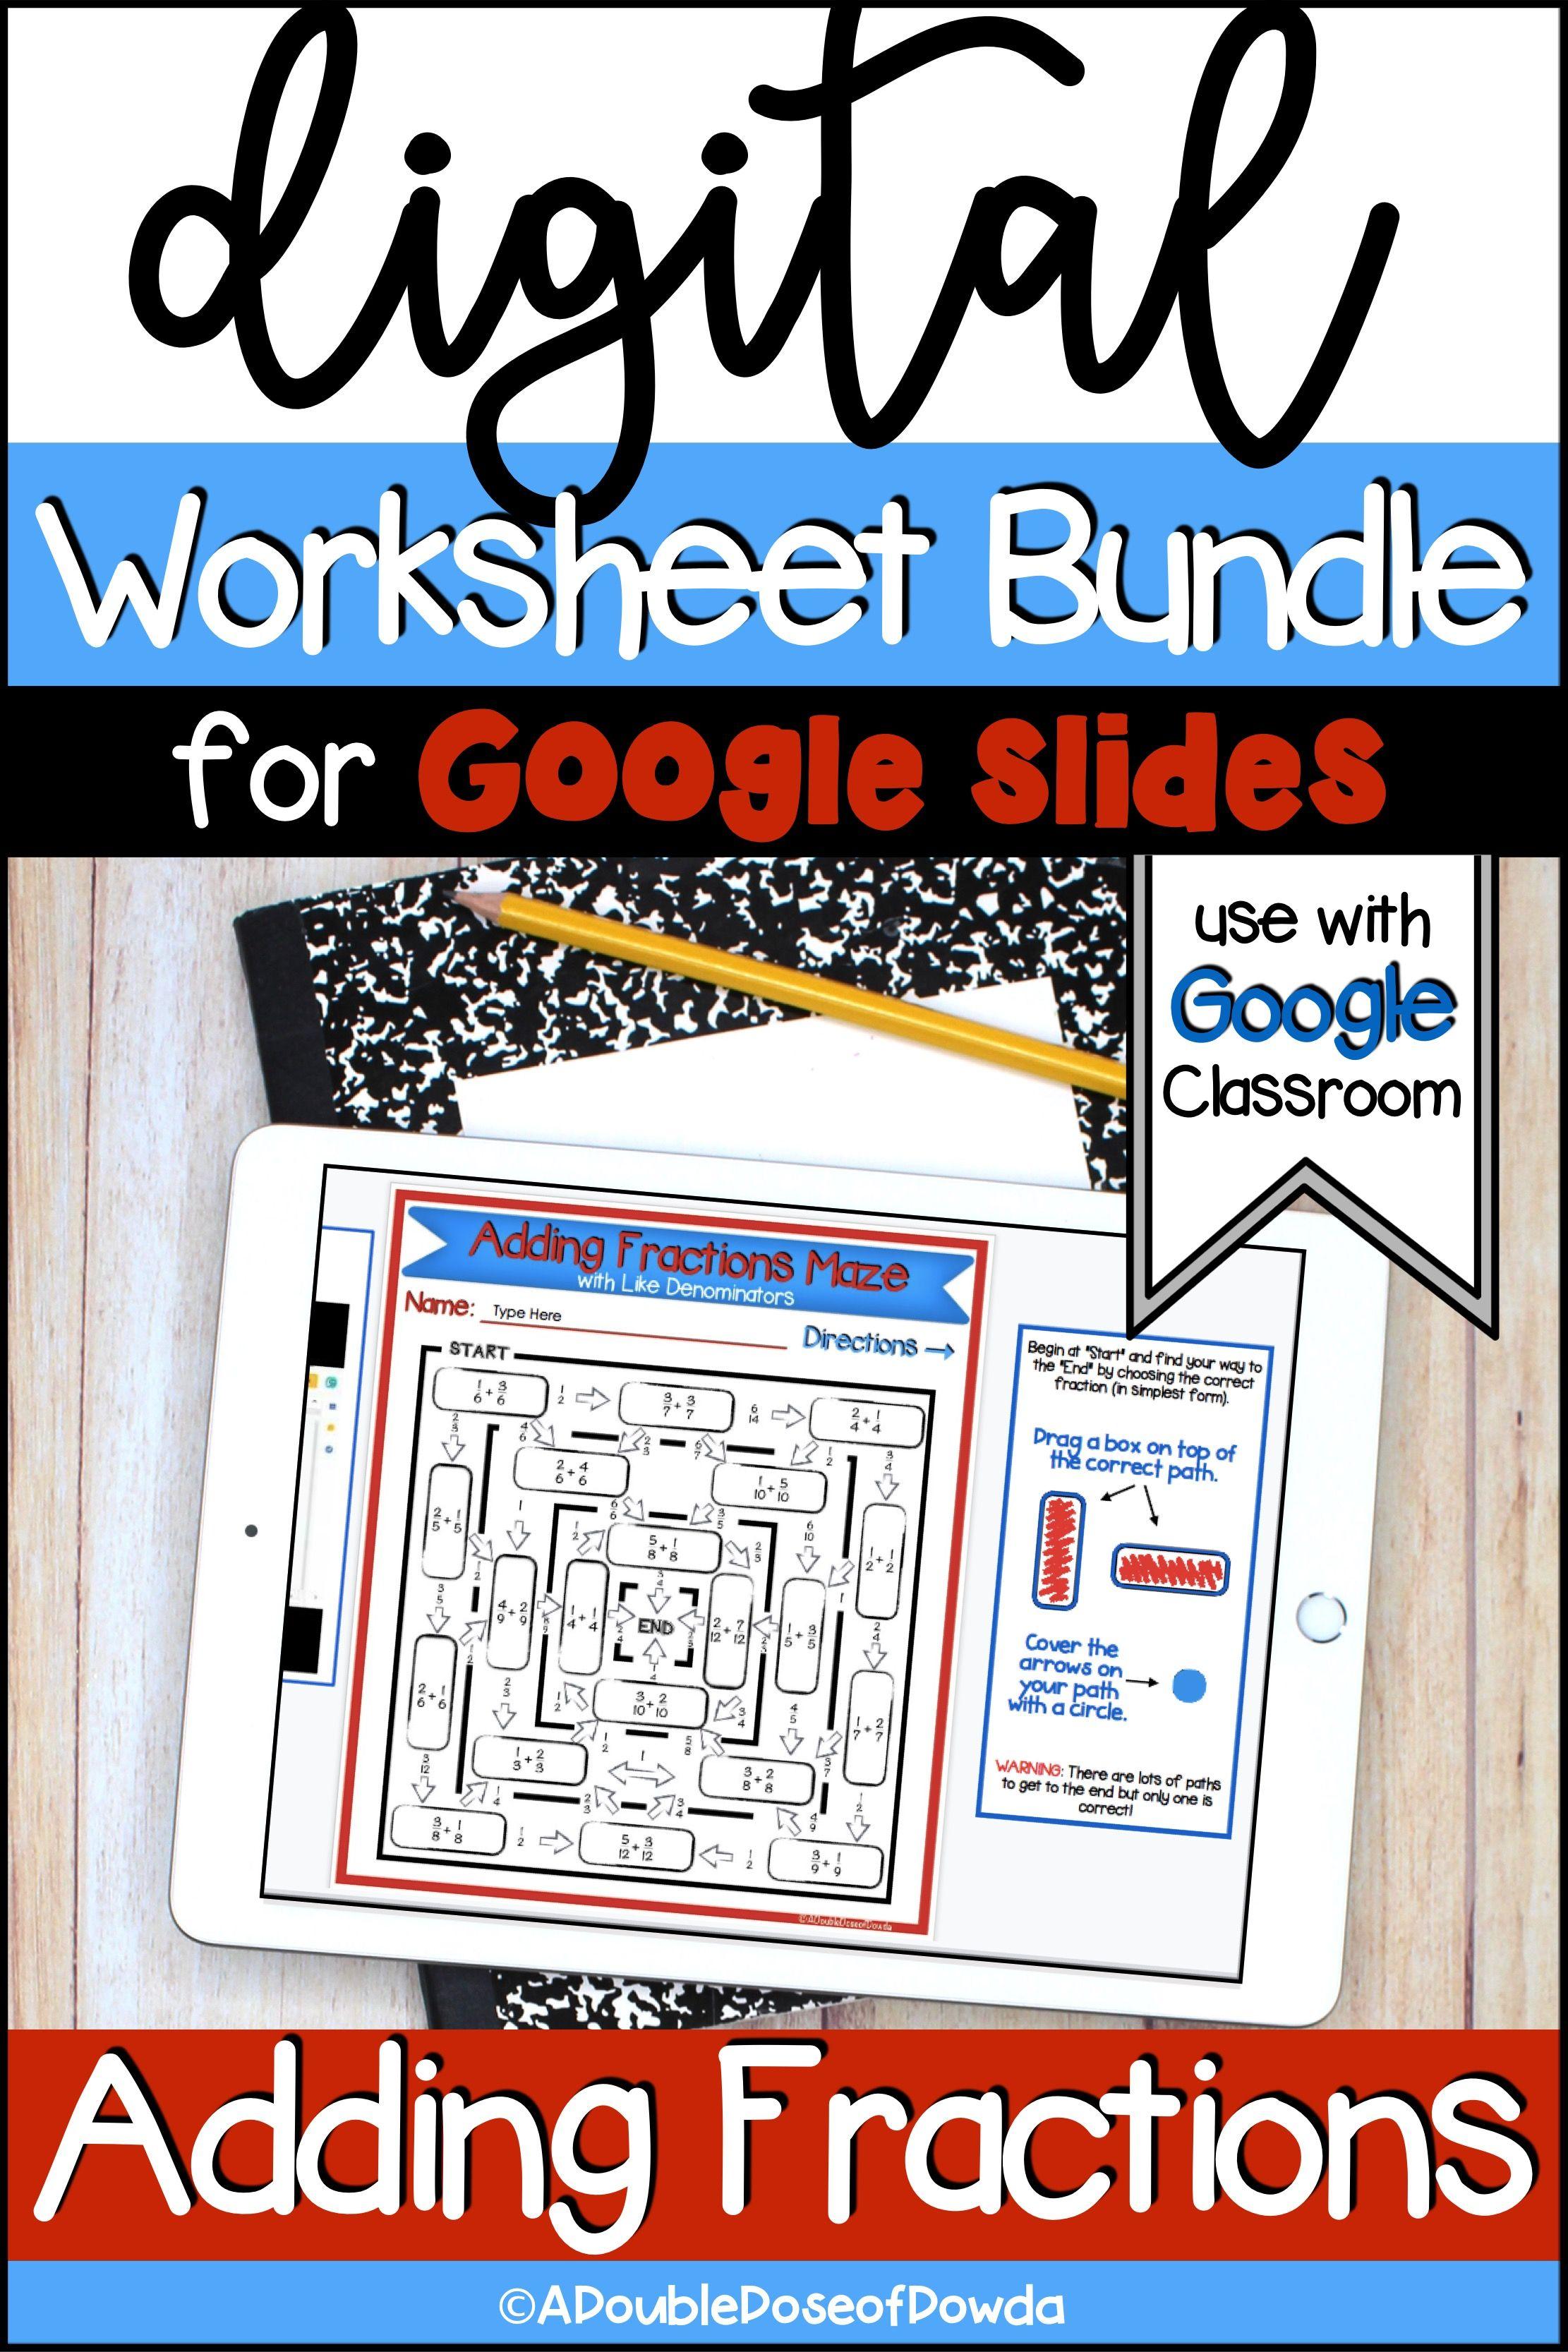 Adding Fractions Digital Worksheet Bundle For Google Classroom In 2020 Google Classroom Adding Fractions Fractions